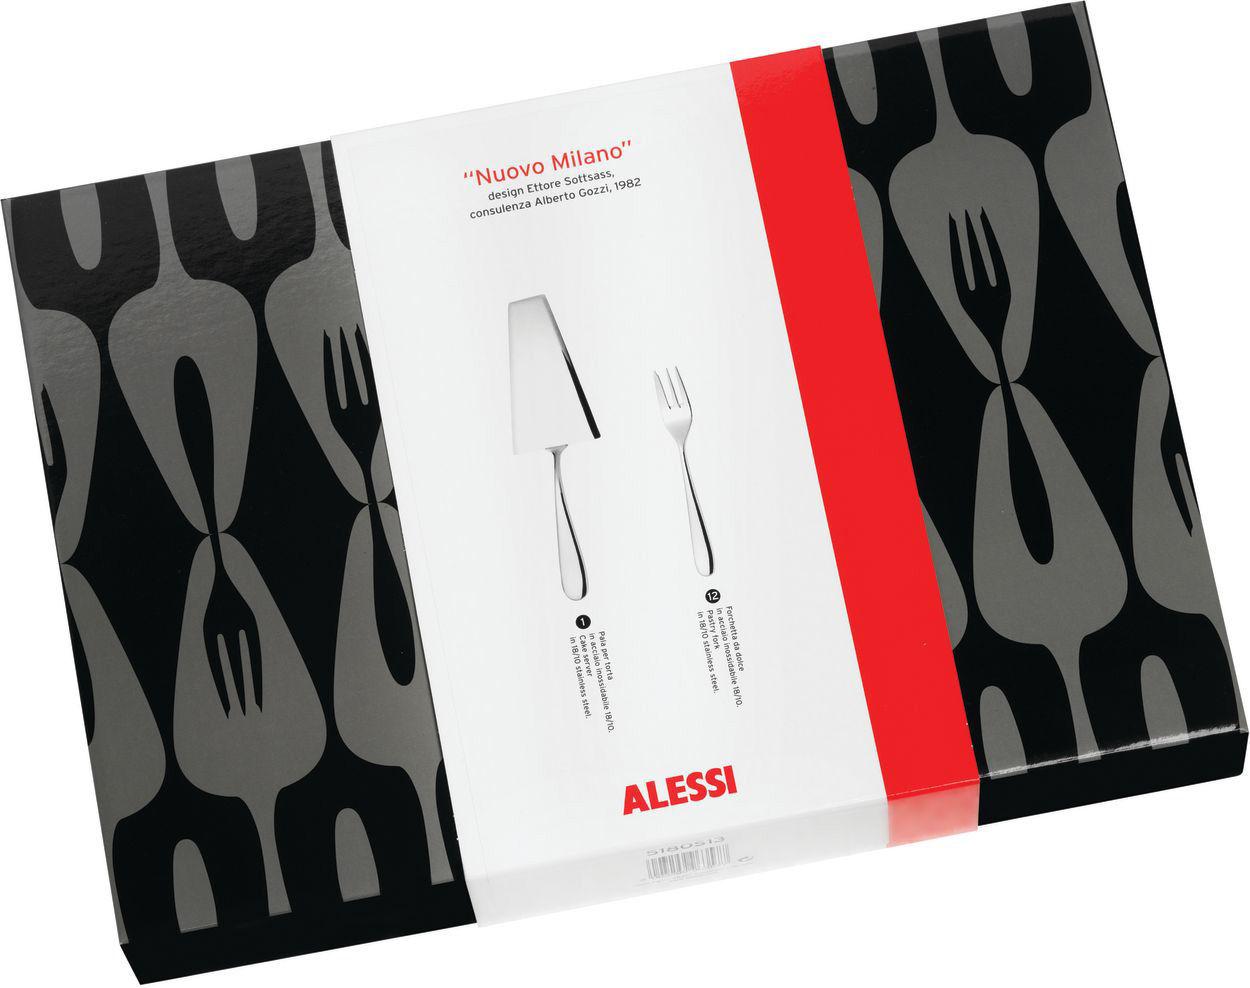 Tischkultur - Bestecke - Nuovo Milano Besteck Set Dessert-Service: 13 tlg. - Alessi - Stahl poliert - polierter rostfreier Stahl